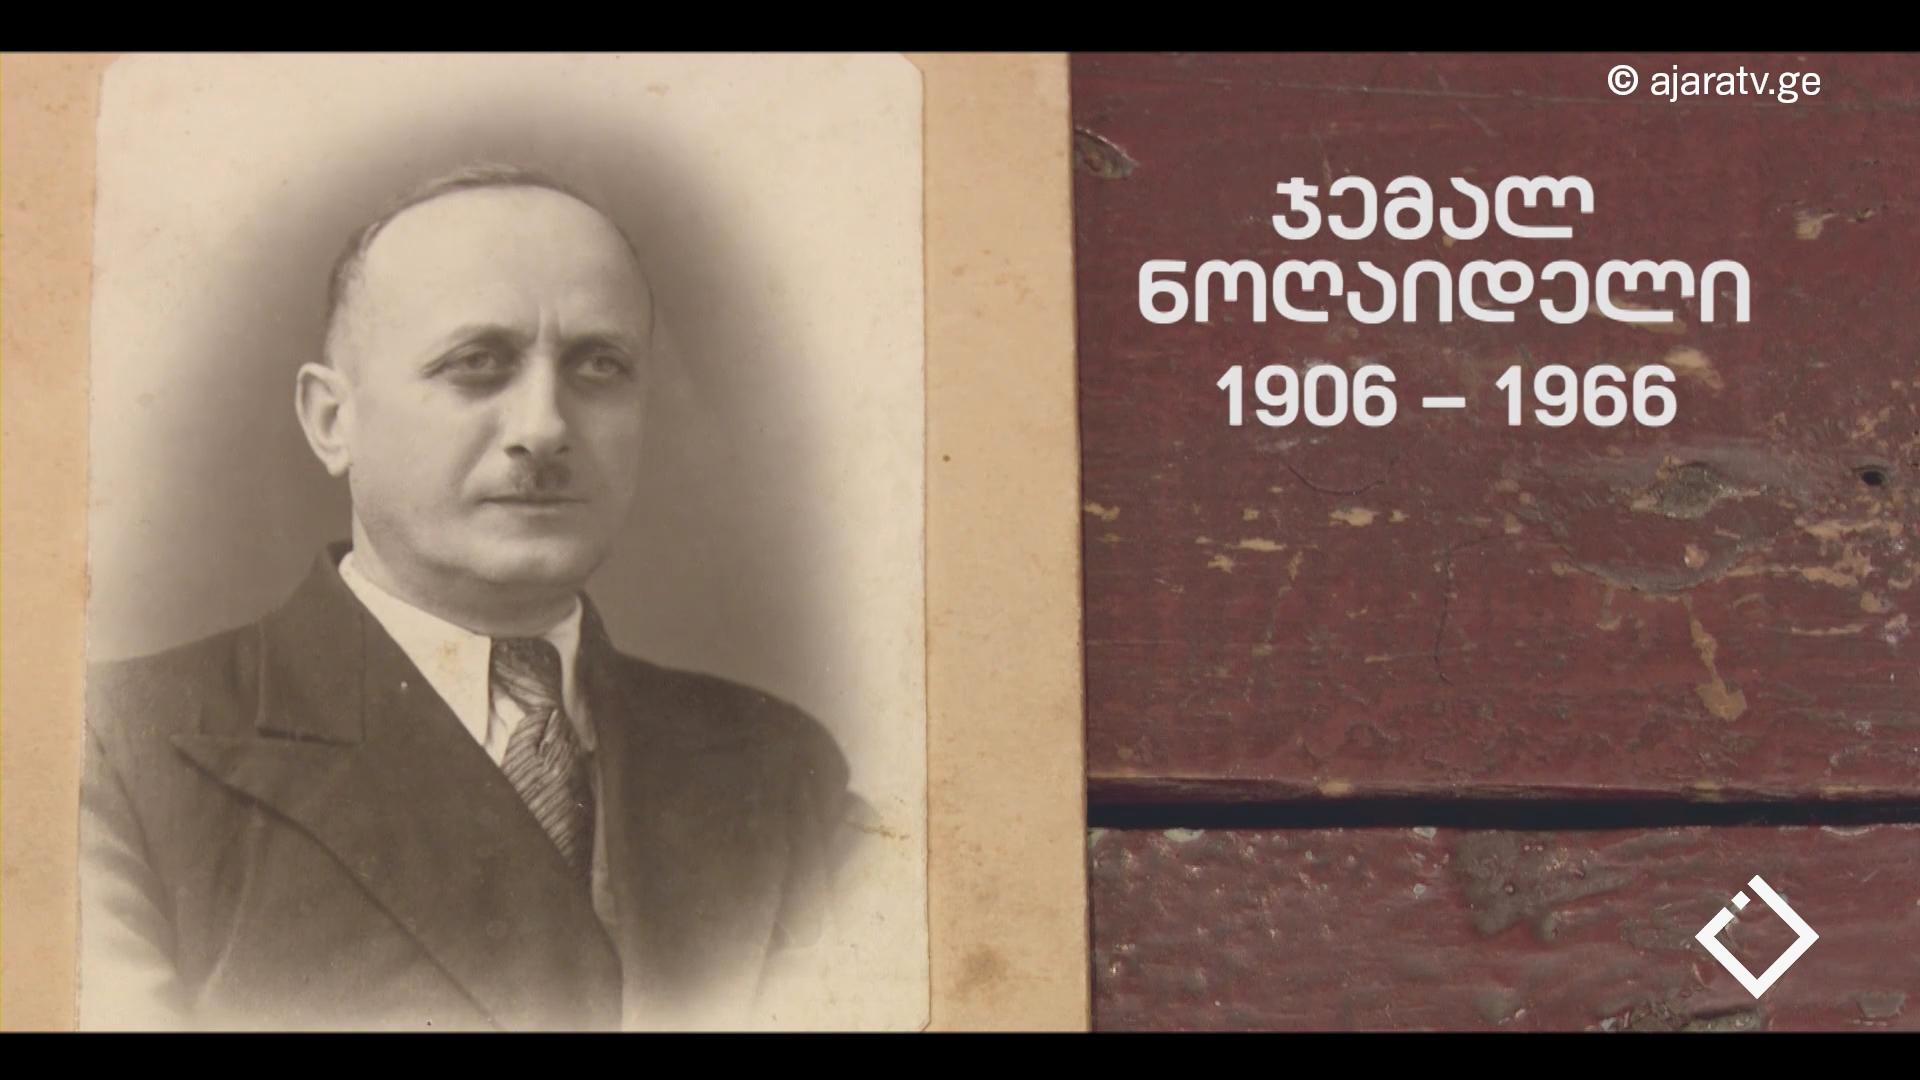 ჯემალ ნოღაიდელი (1906-1966)